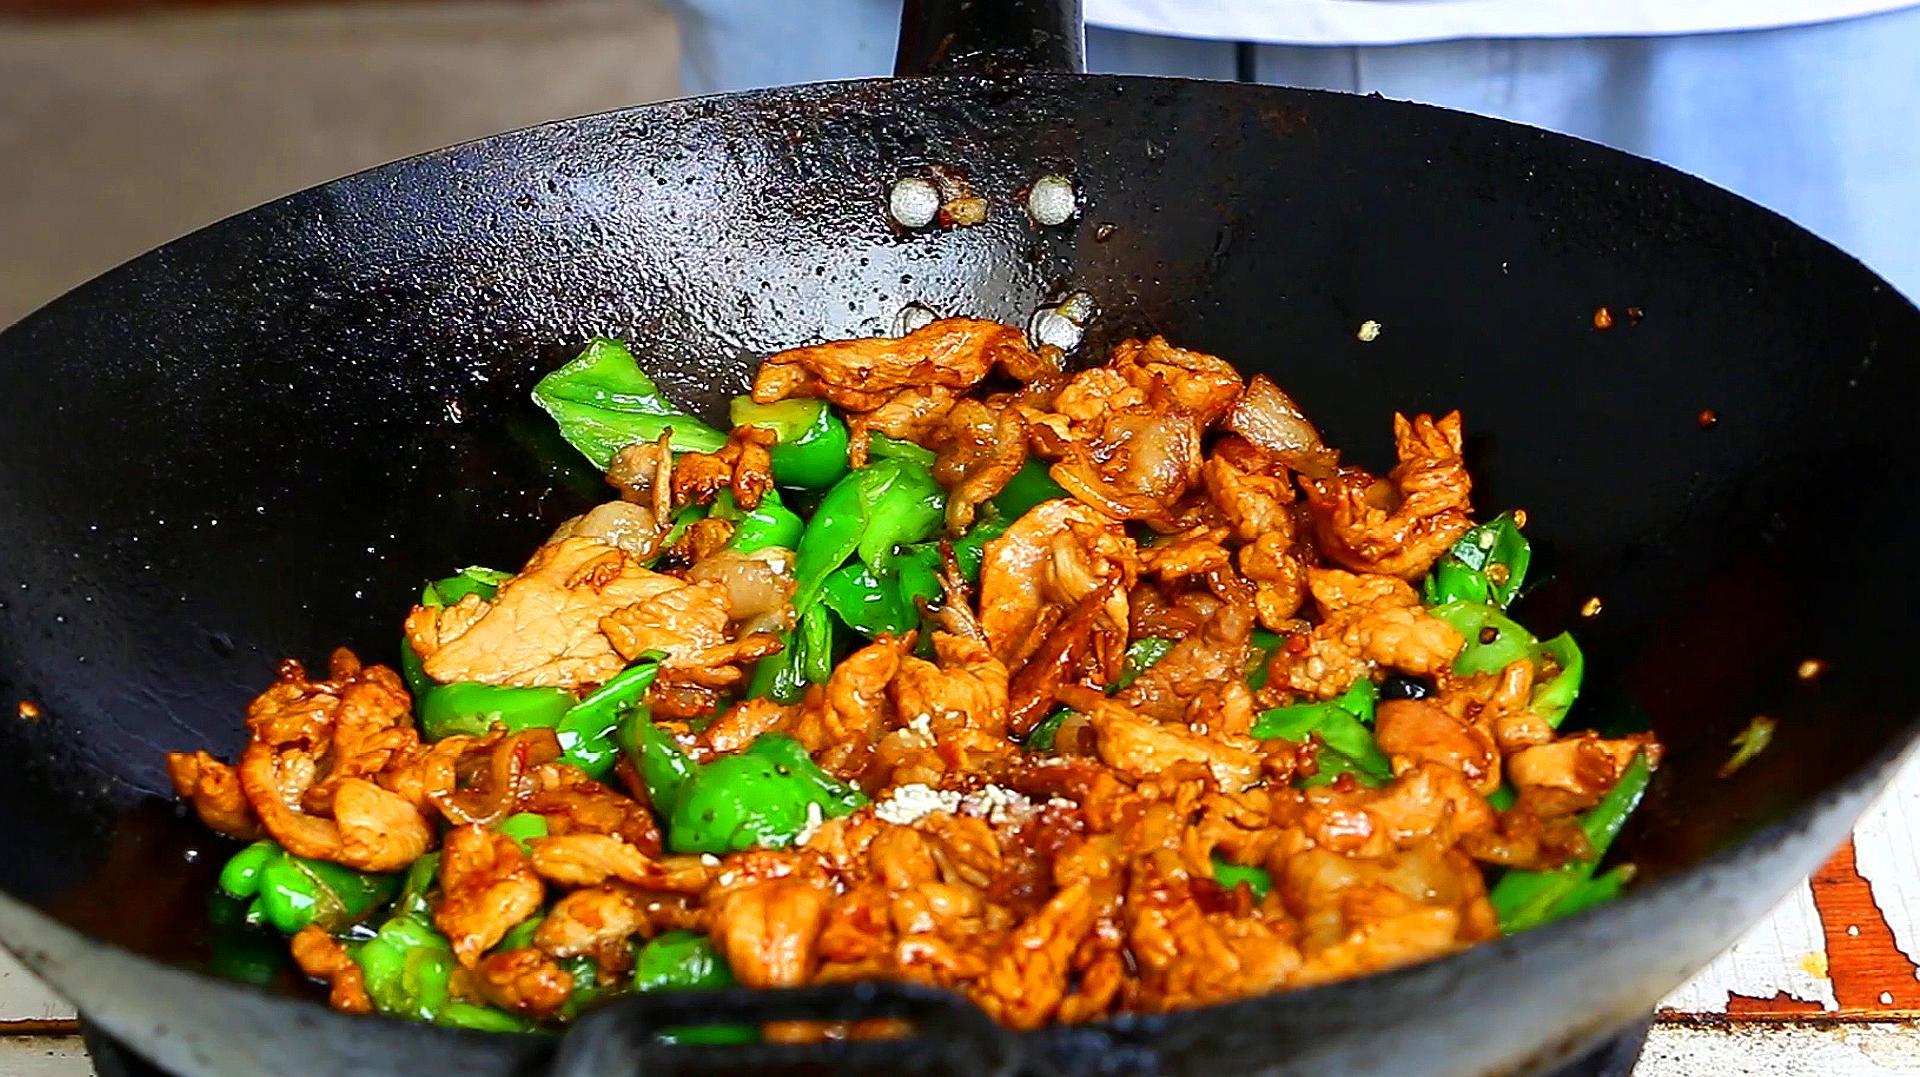 辣椒炒肉,到底是先炒辣椒还是先炒肉?很多人都做错,难怪不好吃